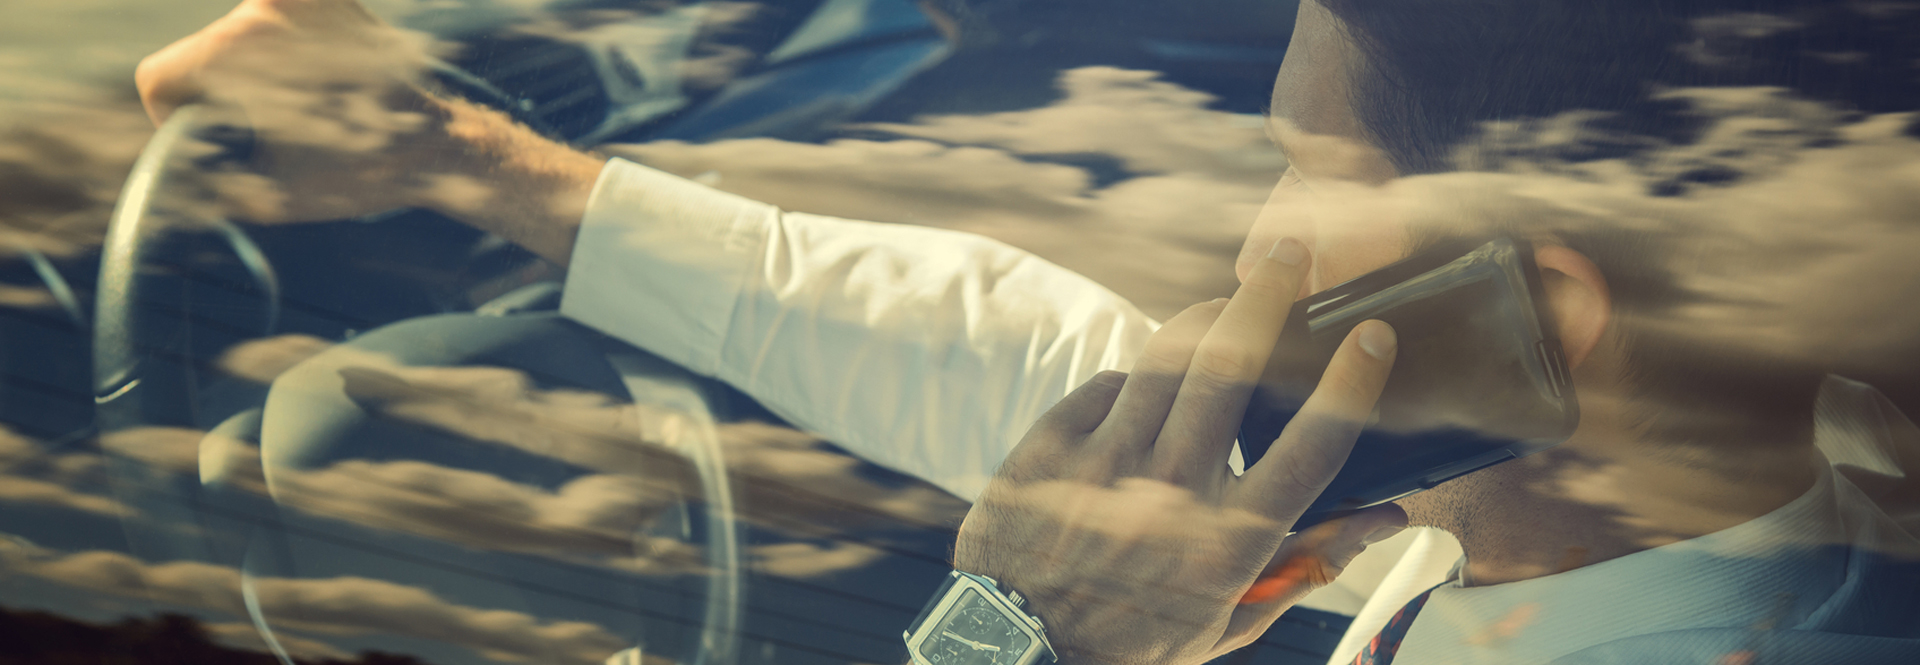 Homme téléphone au volant